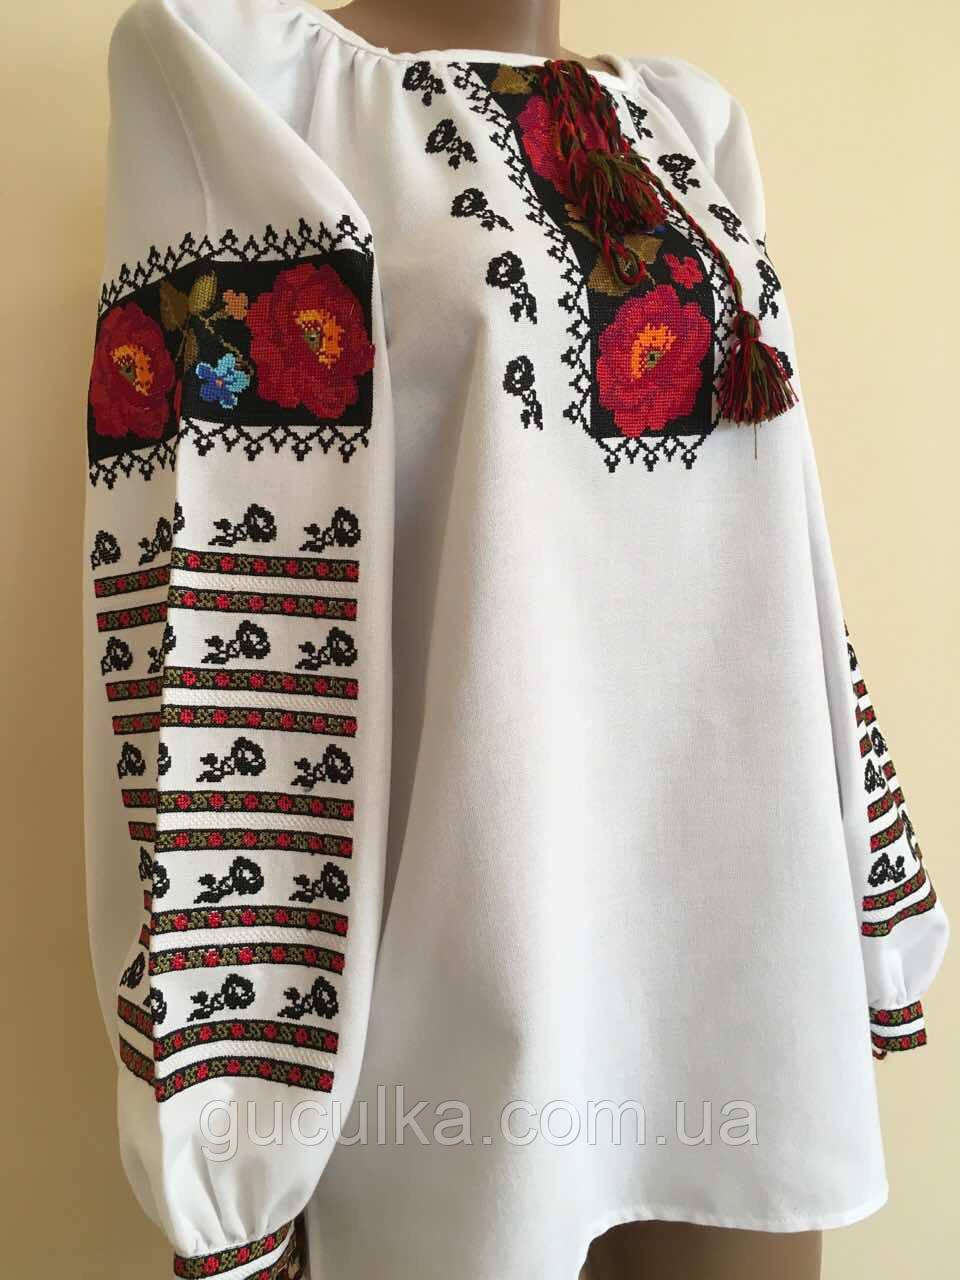 Борщівська вишиванка жіноча на домотканому полотні розмір 52-54 (3ХL) -  Інтернет- 91113440df541